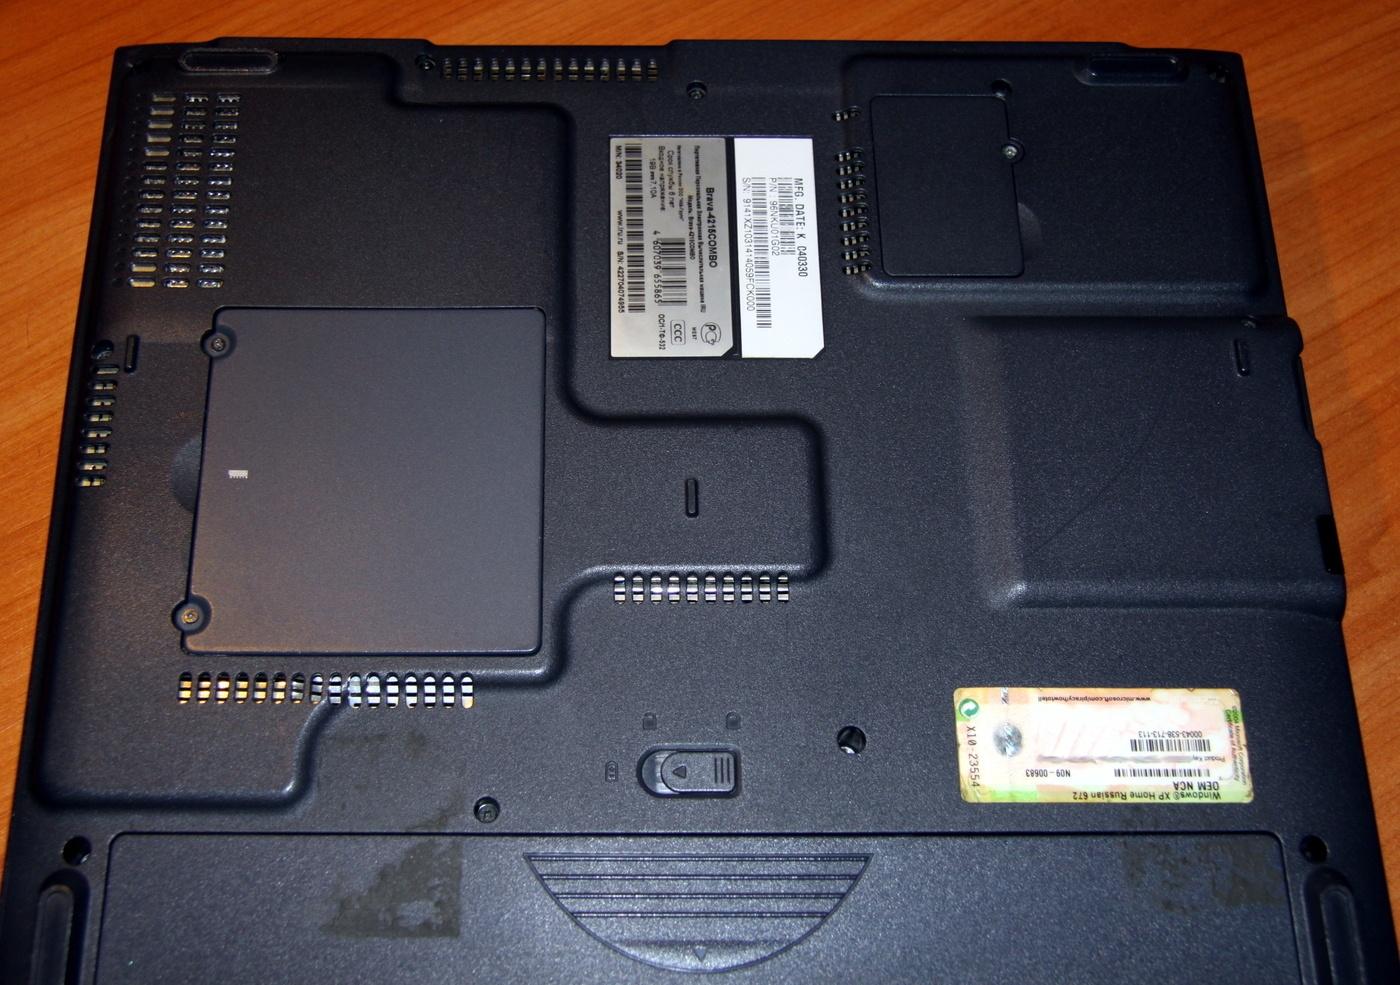 Обзор отечественного ноутбука iRU Brava-4215COMBO, выпущенного в 2004 году (Часть 1) - 4